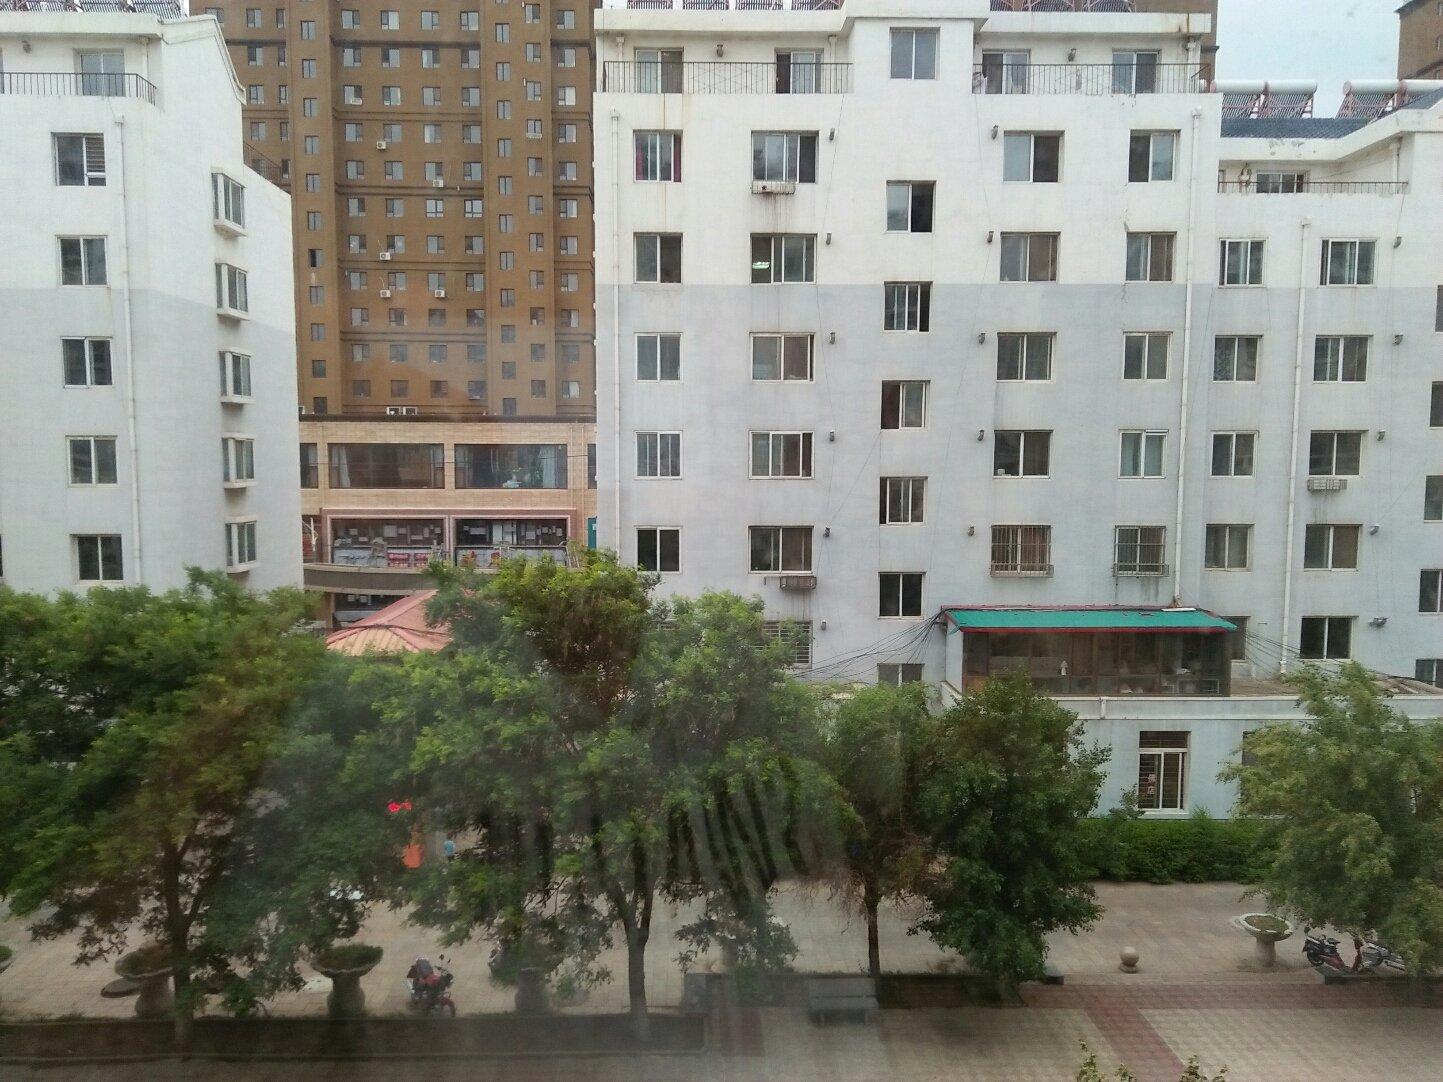 辽宁省锦州市黑山县解放街靠近金色摇篮幼儿园(陵园路)天气预报